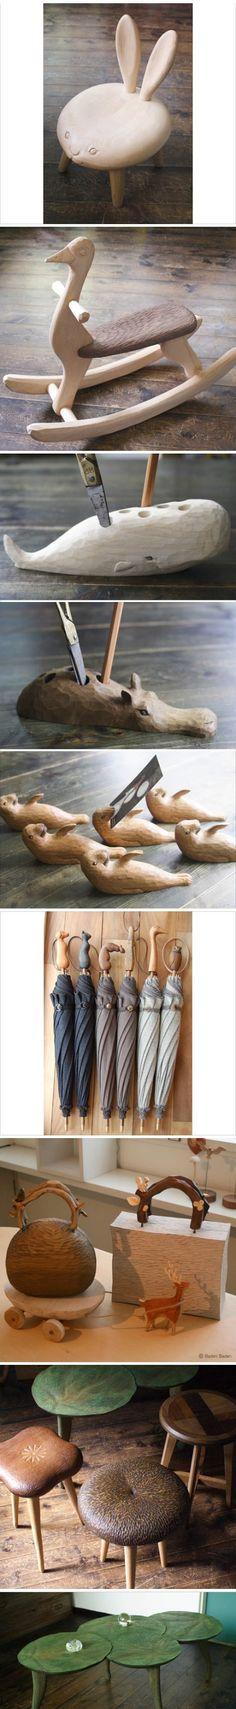 日本艺术家若野忍的木艺作品,充满童趣的小动物造型的椅子、小木马、雨伞……每一个都很有爱! - 每一个都好想带回家!!!